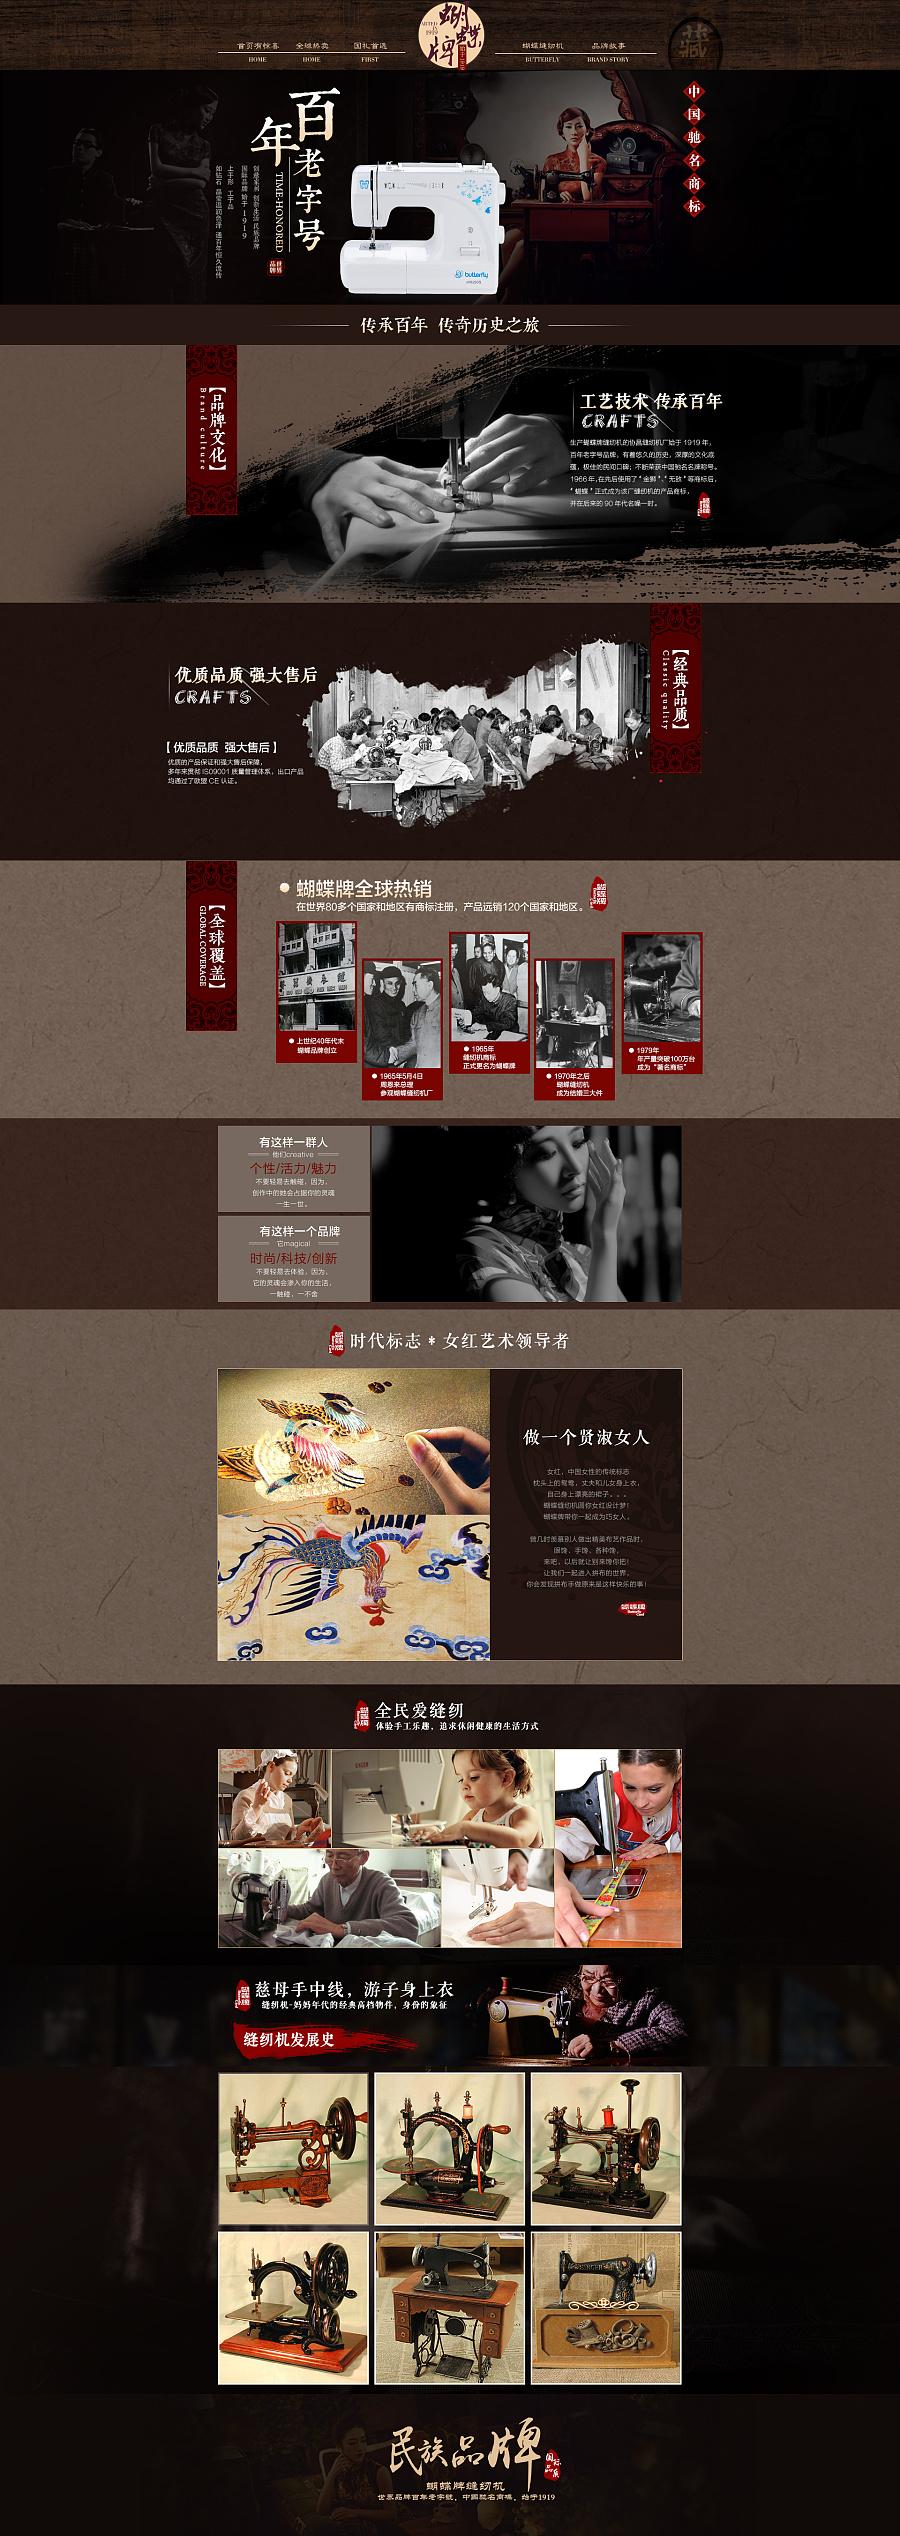 品牌故事 缝纫机 古风 中国风|电子商务/商城|网页|c图片